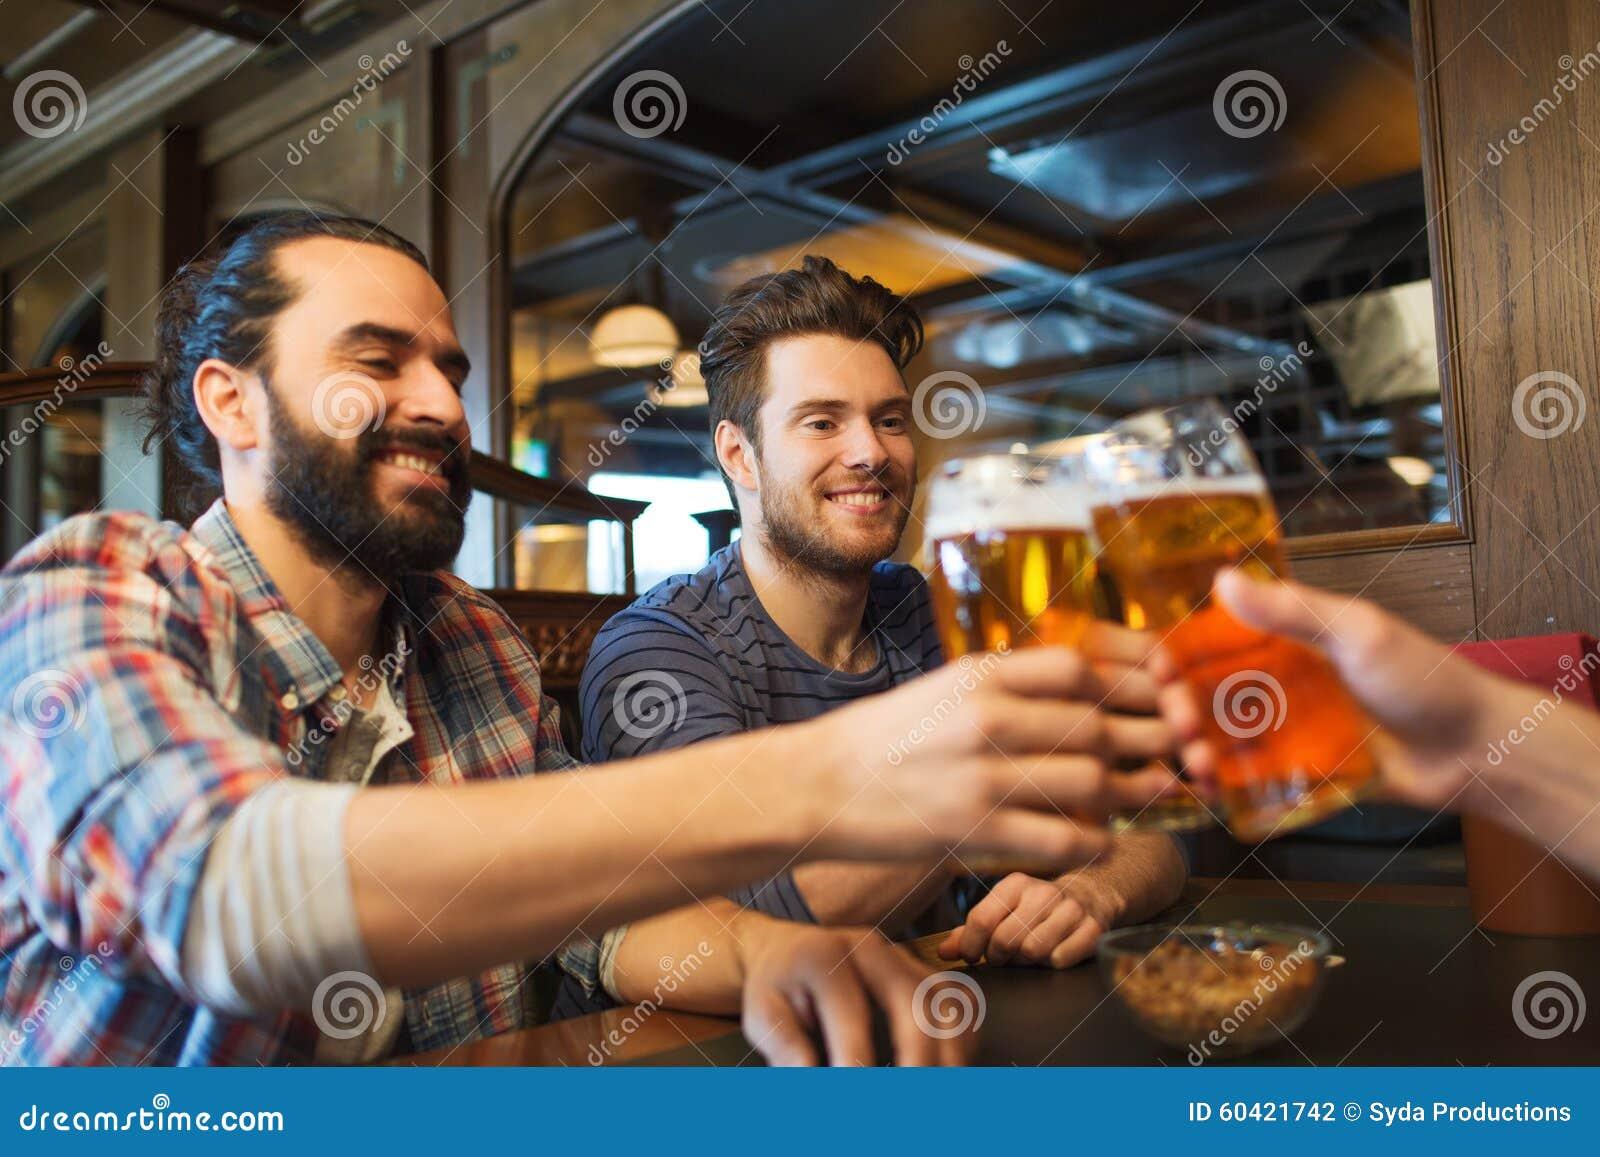 喝啤酒的愉快的男性朋友在酒吧或客栈